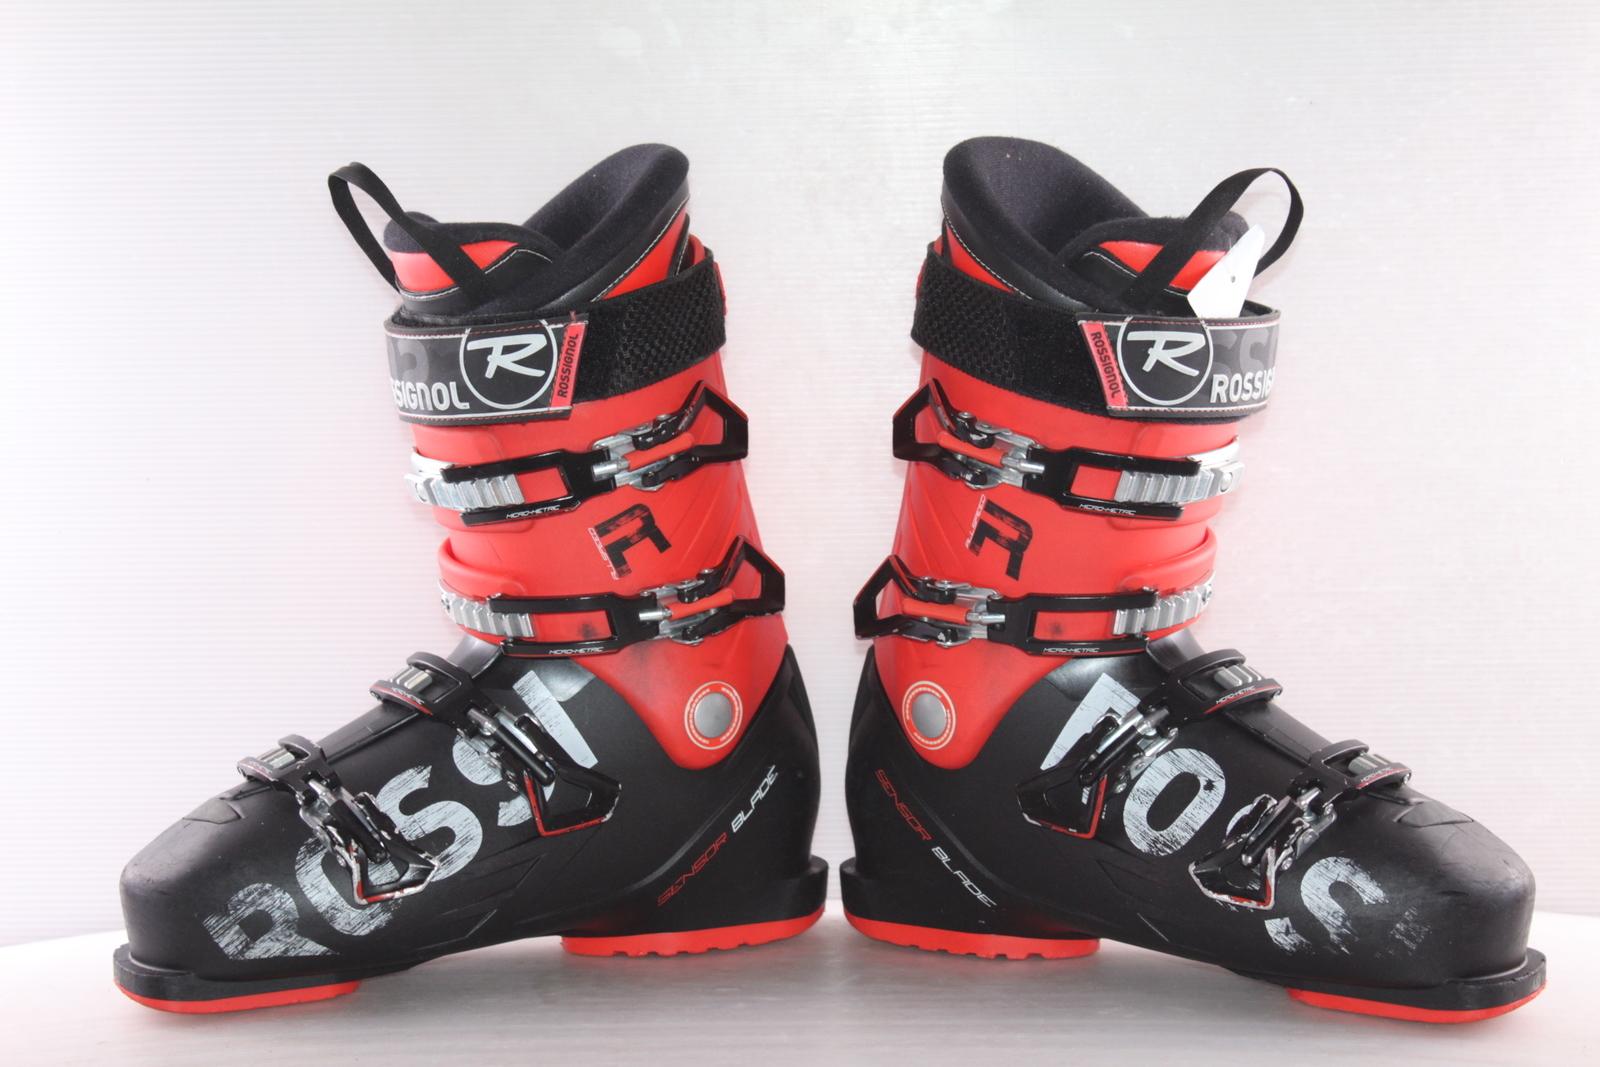 Lyžařské boty Rossignol All Speed R vel. EU42.5 flexe 80